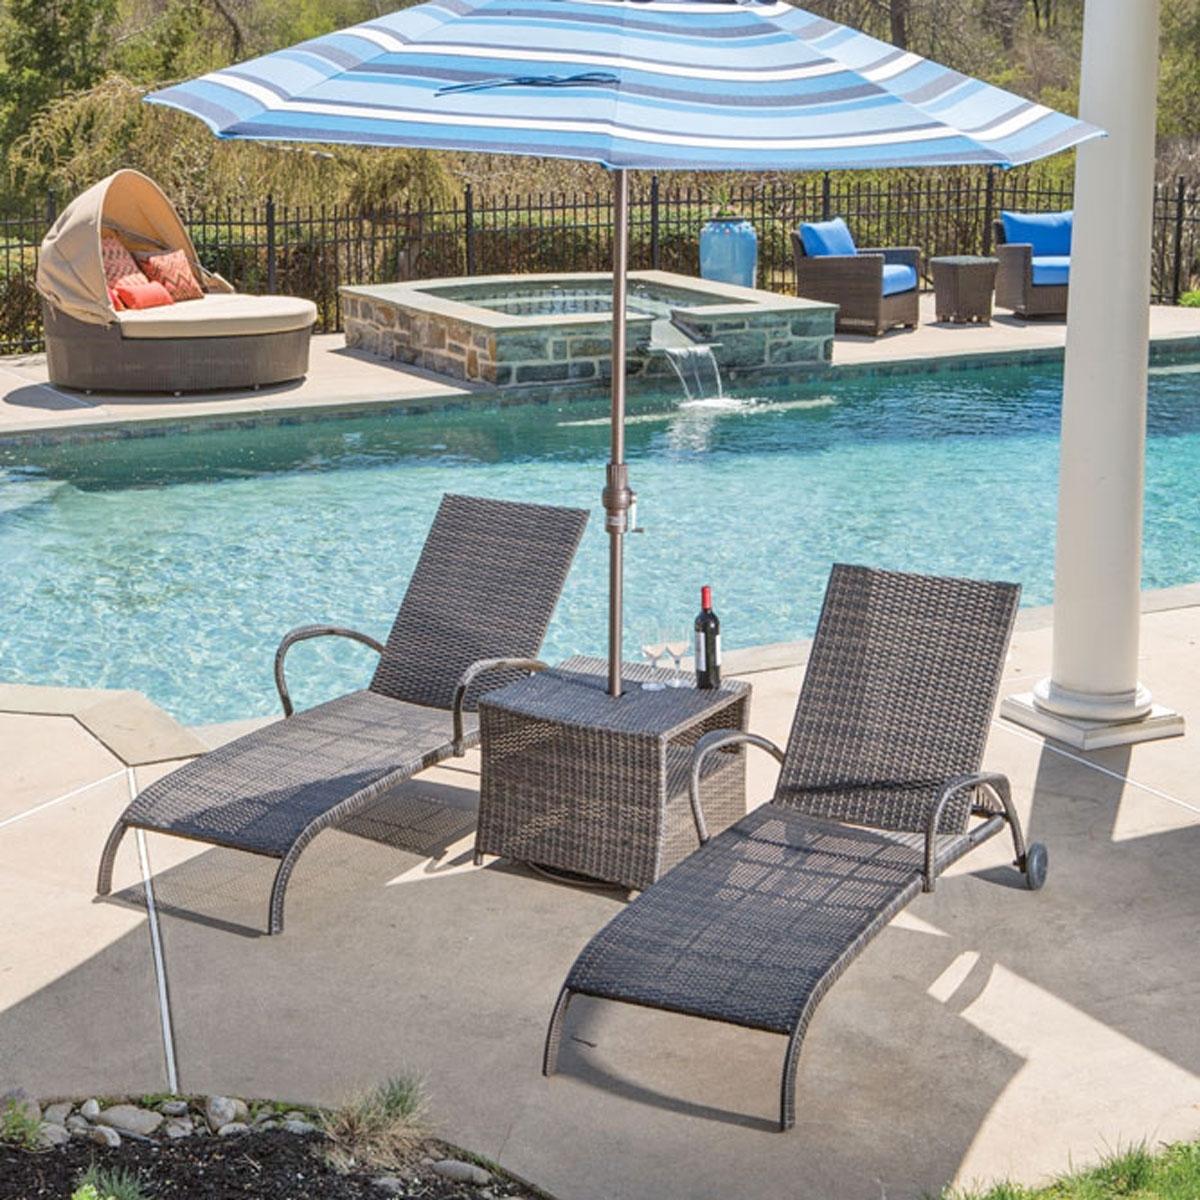 54 Patio Umbrella Side Table, Diy Patio Umbrella Stand Side Table Throughout Latest Patio Umbrella Side Tables (View 9 of 20)